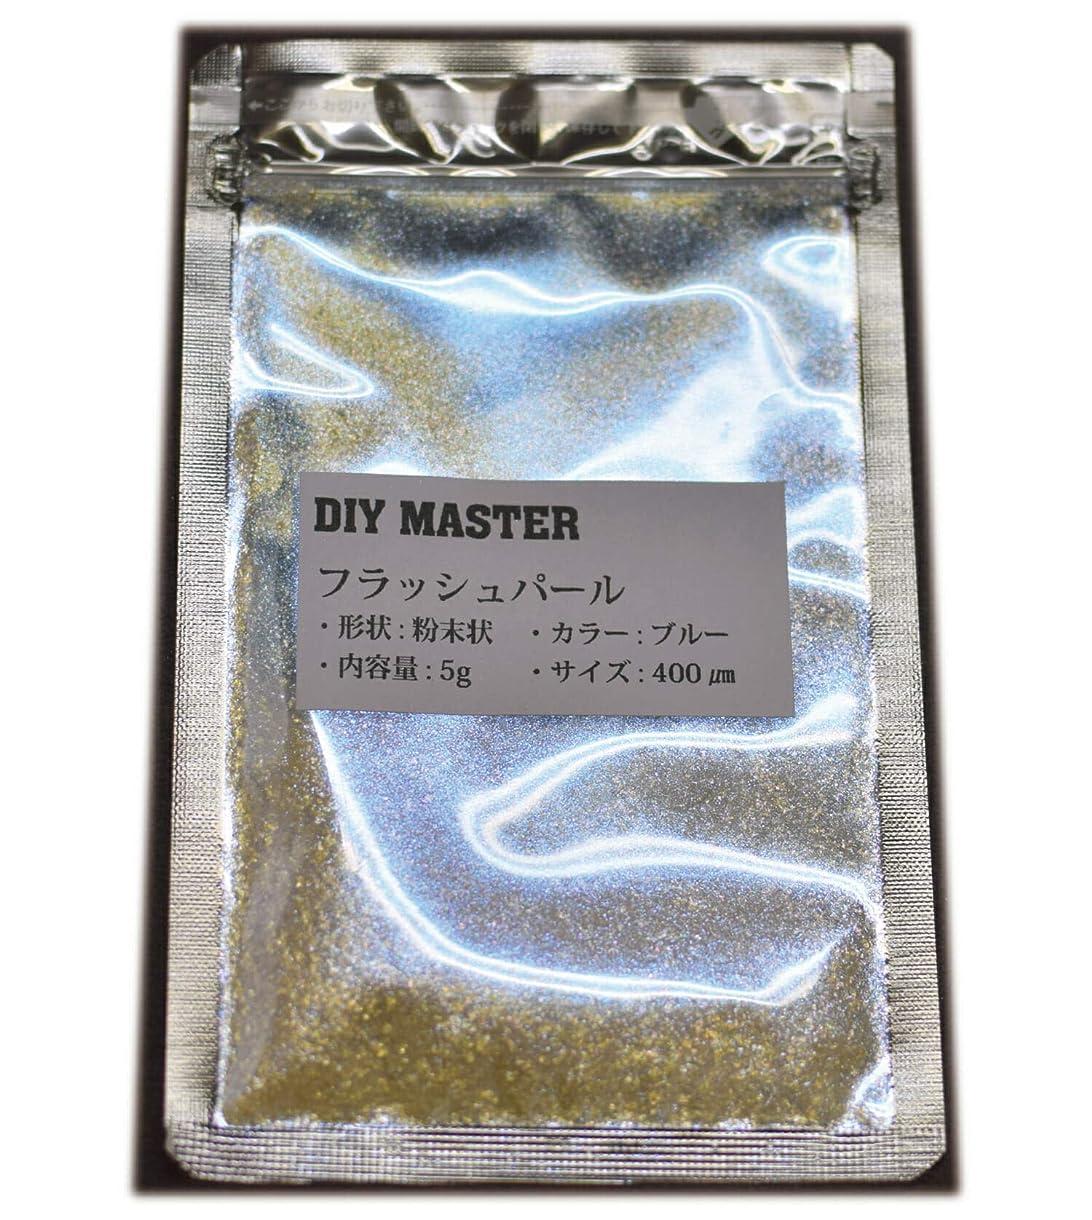 君主阻害する教会DIY MASTER フラッシュパール ブルー 5g (極粗目、ドライ)